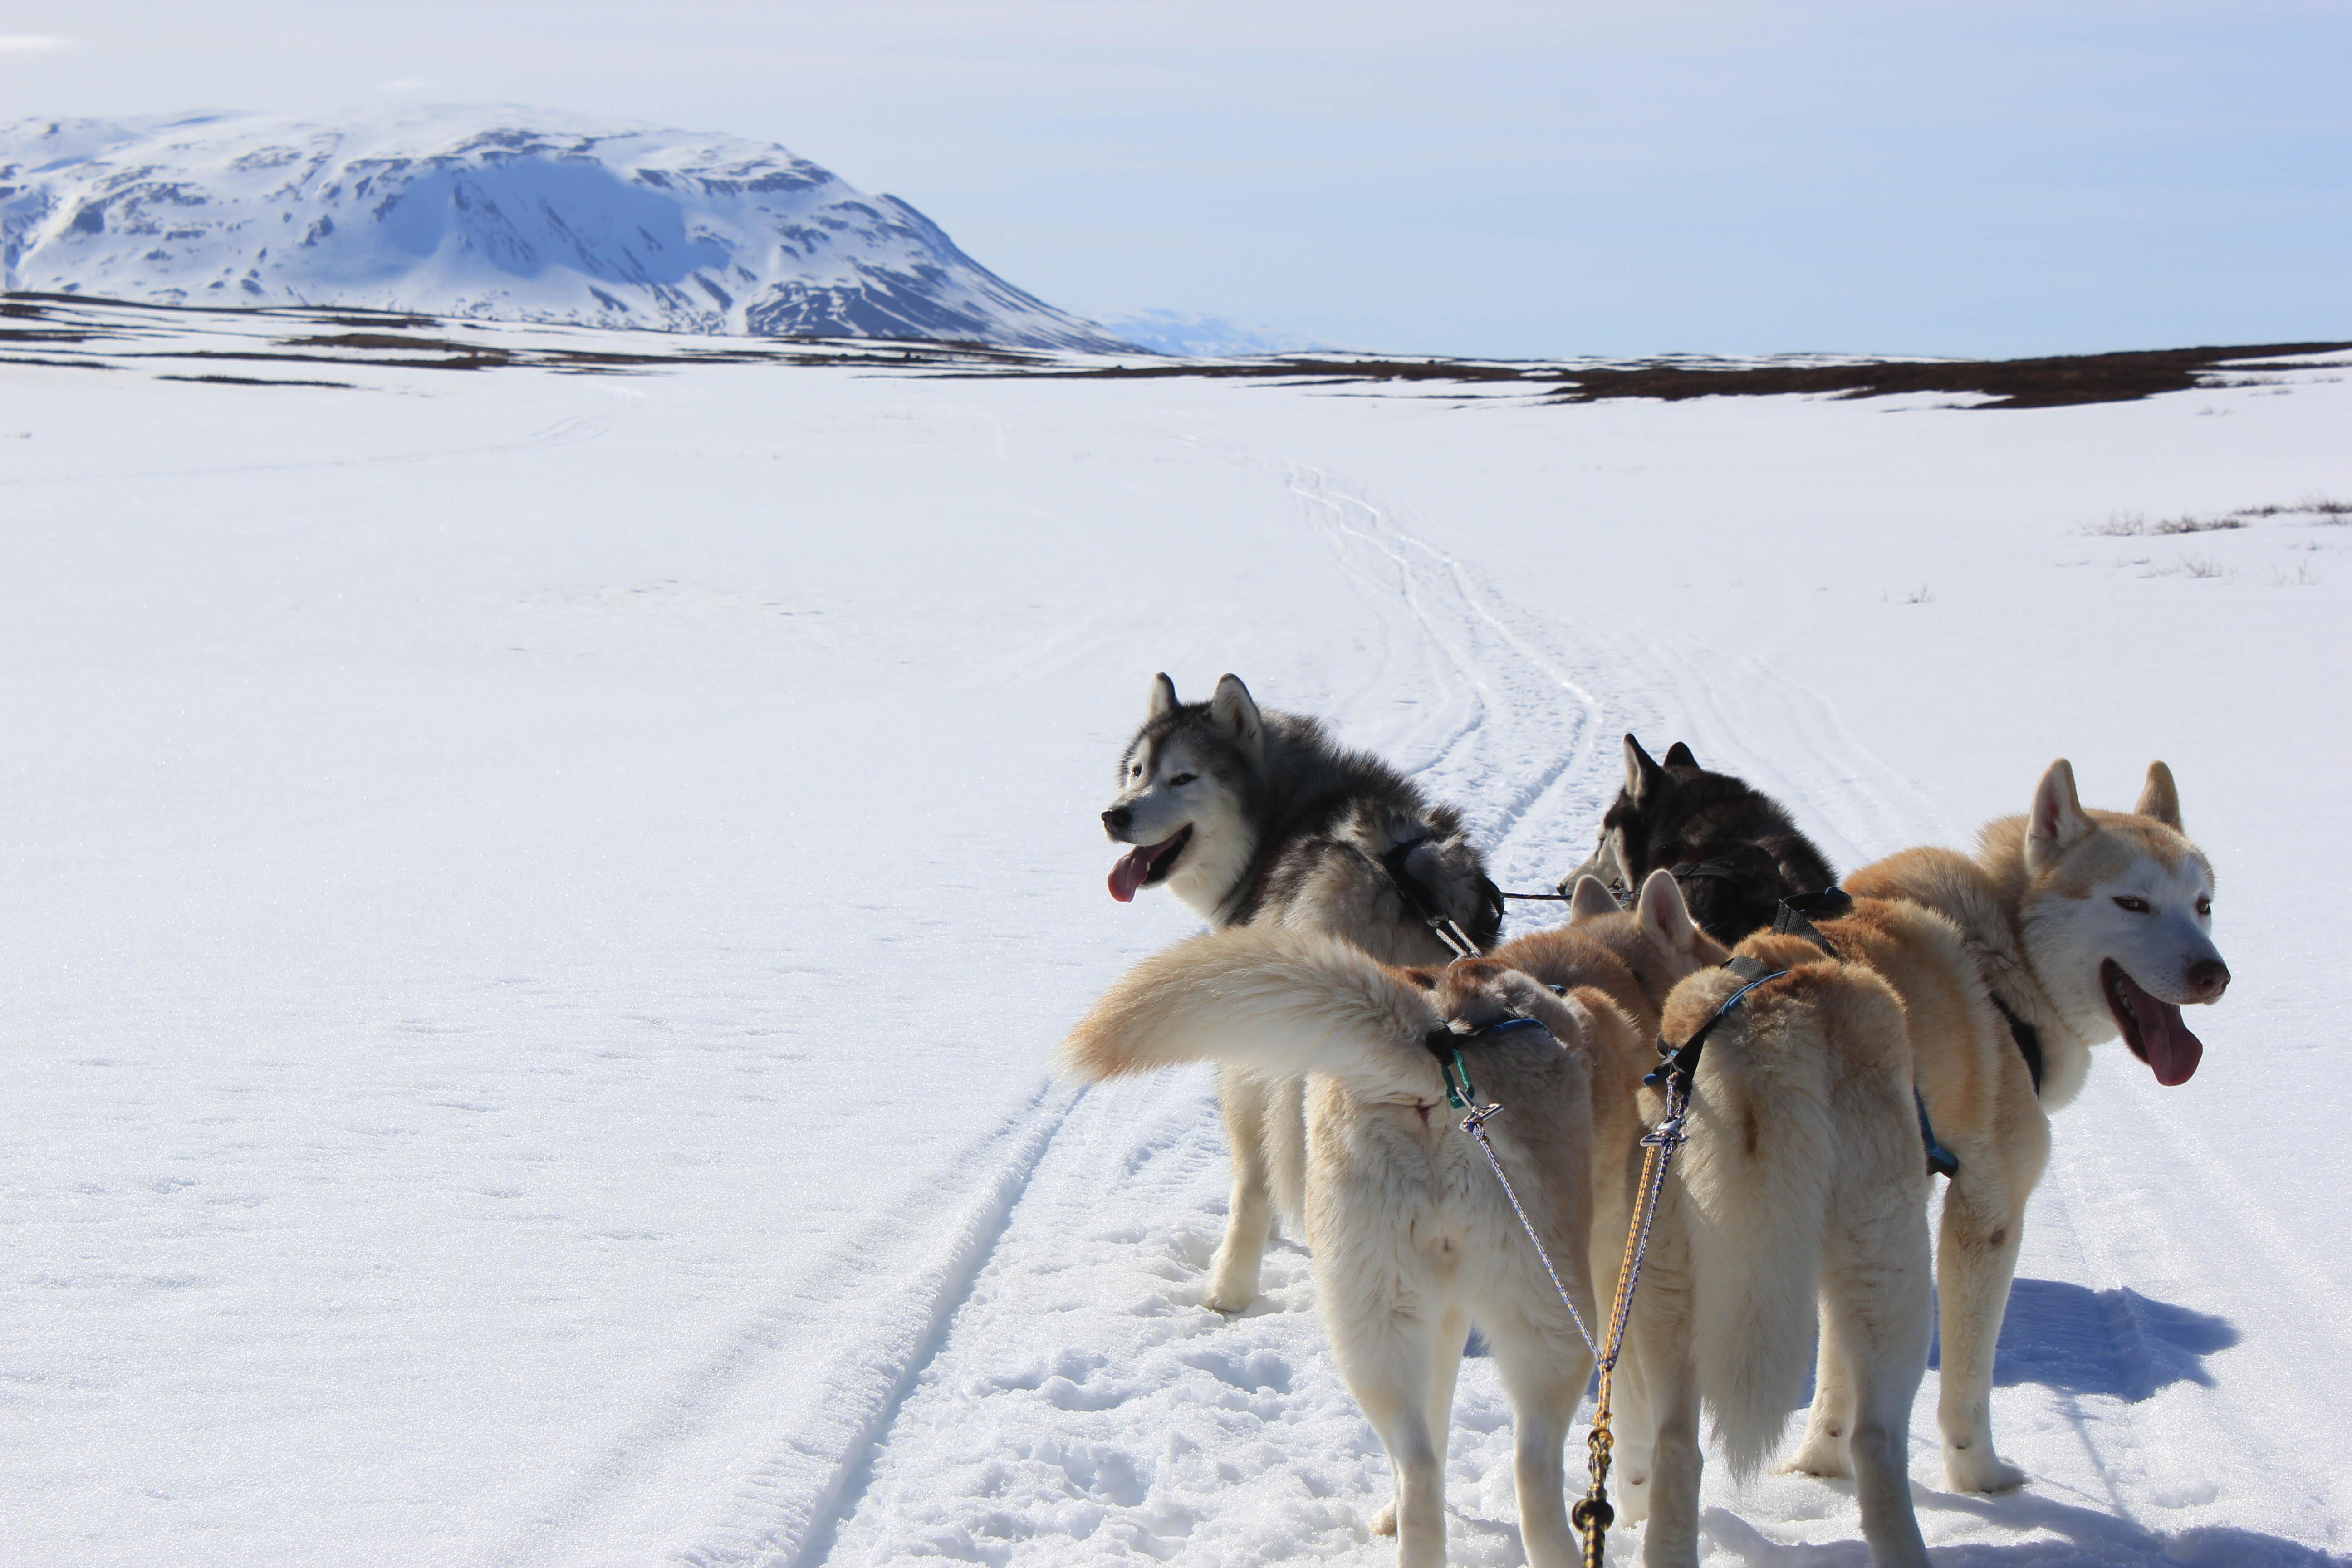 Этот тур идеален для тех, кто любит животных, приключения и красивые пейзажи.